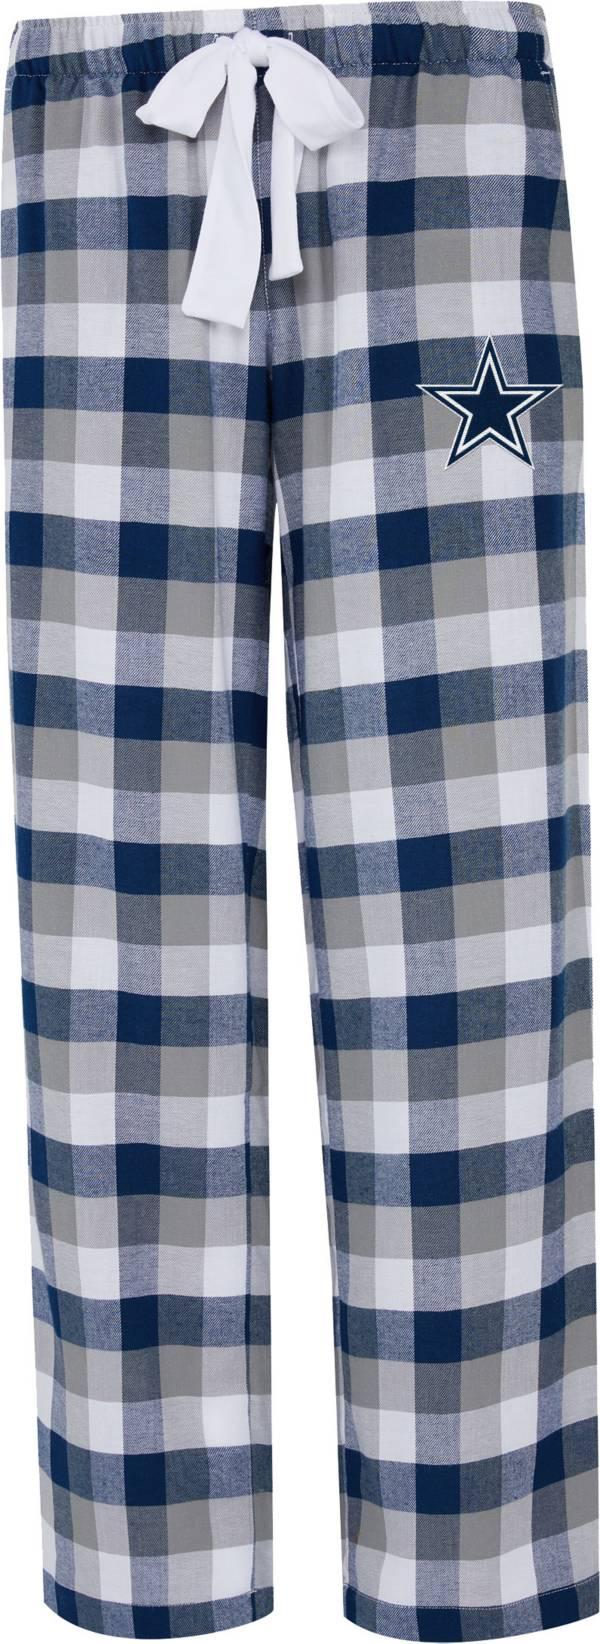 Concepts Sport Women's Dallas Cowboys Breakout Flannel Pants product image